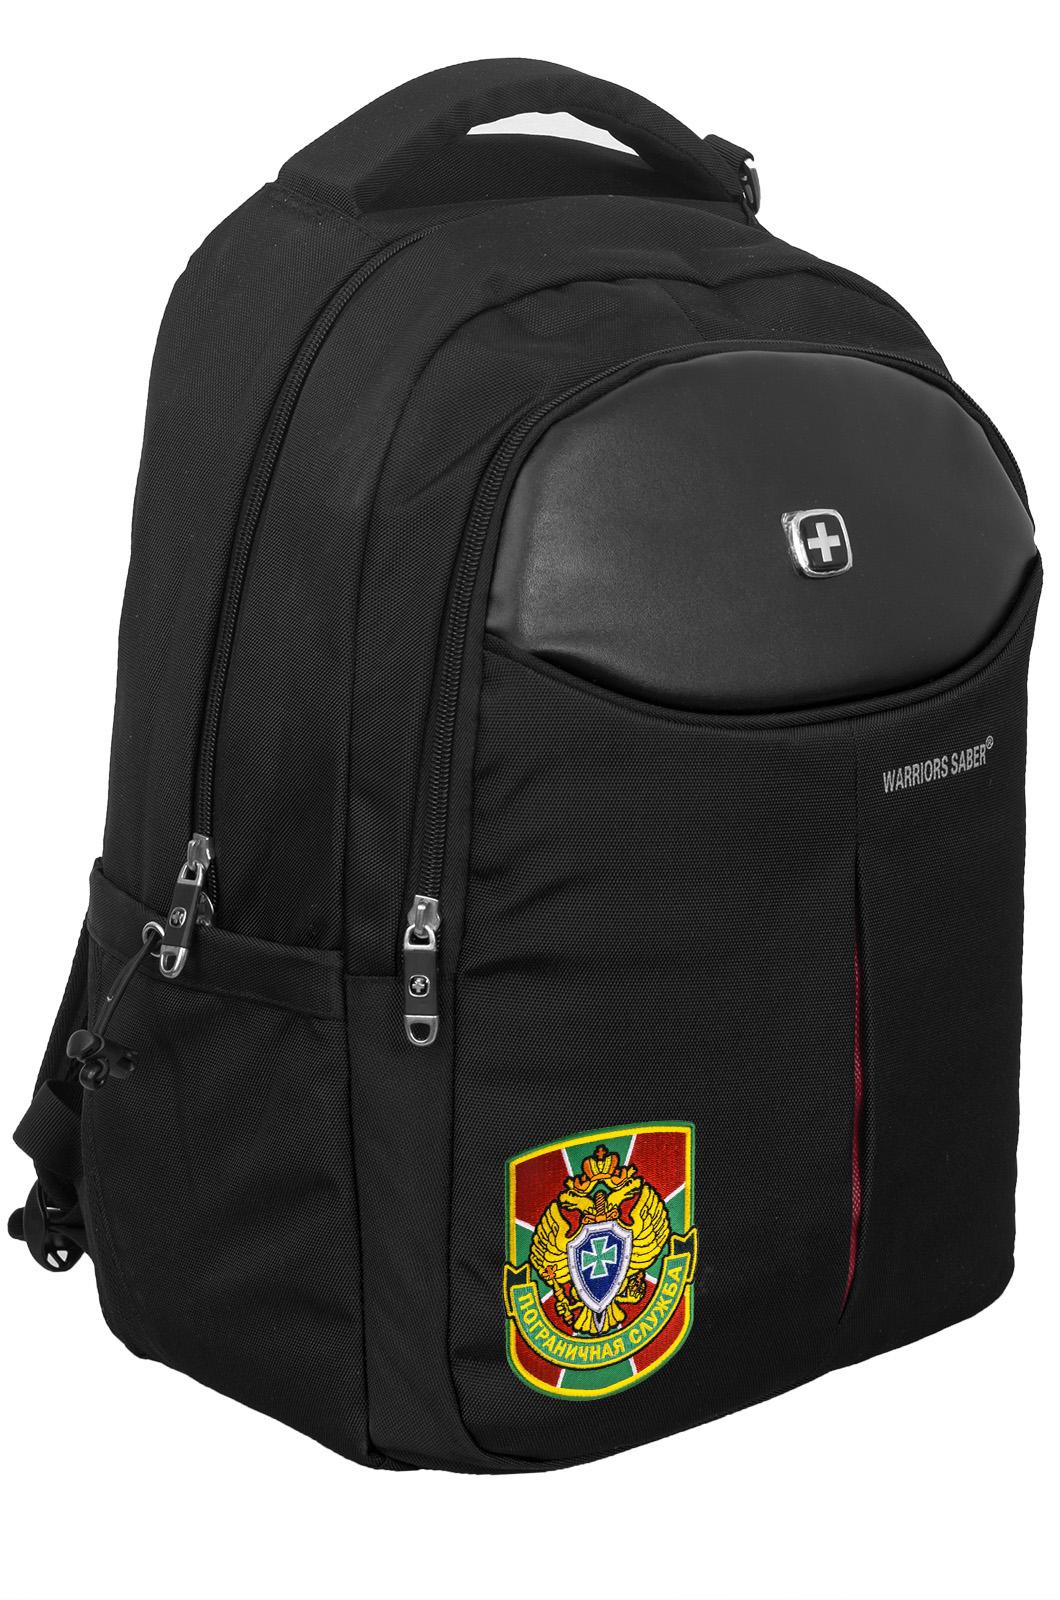 Удобный черный рюкзак с военной нашивкой Погранслужбы - купить в подарок